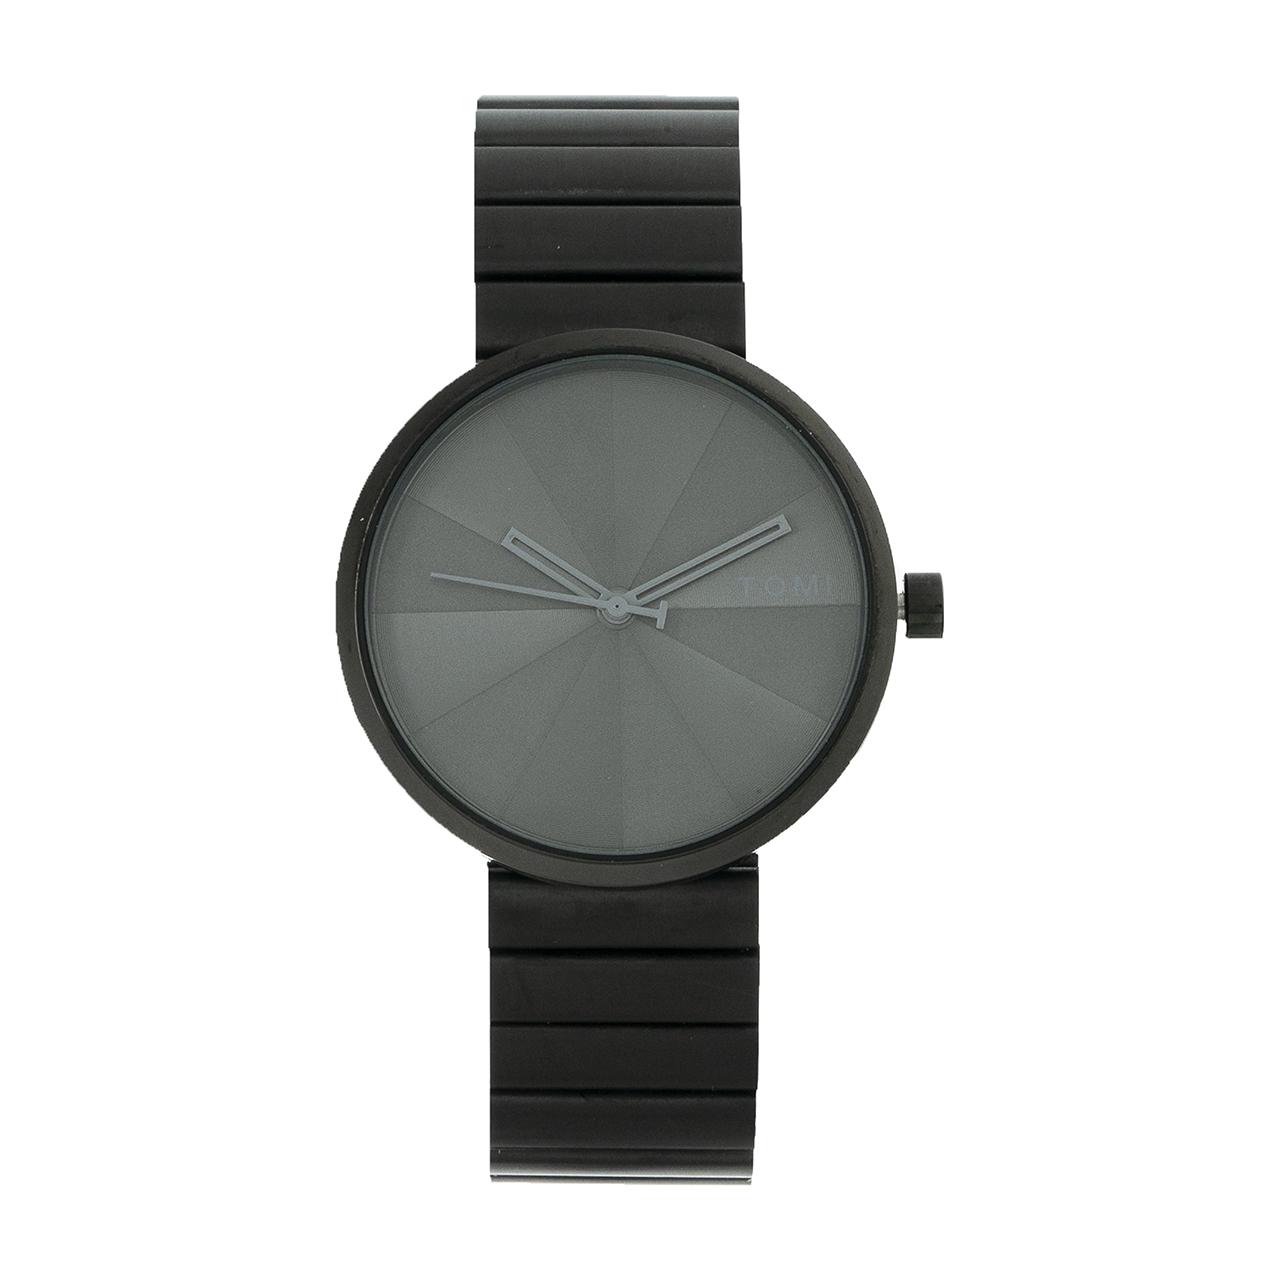 ساعت مچی عقربه ای مردانه تامی مدل 014 رنگ مشکی 53